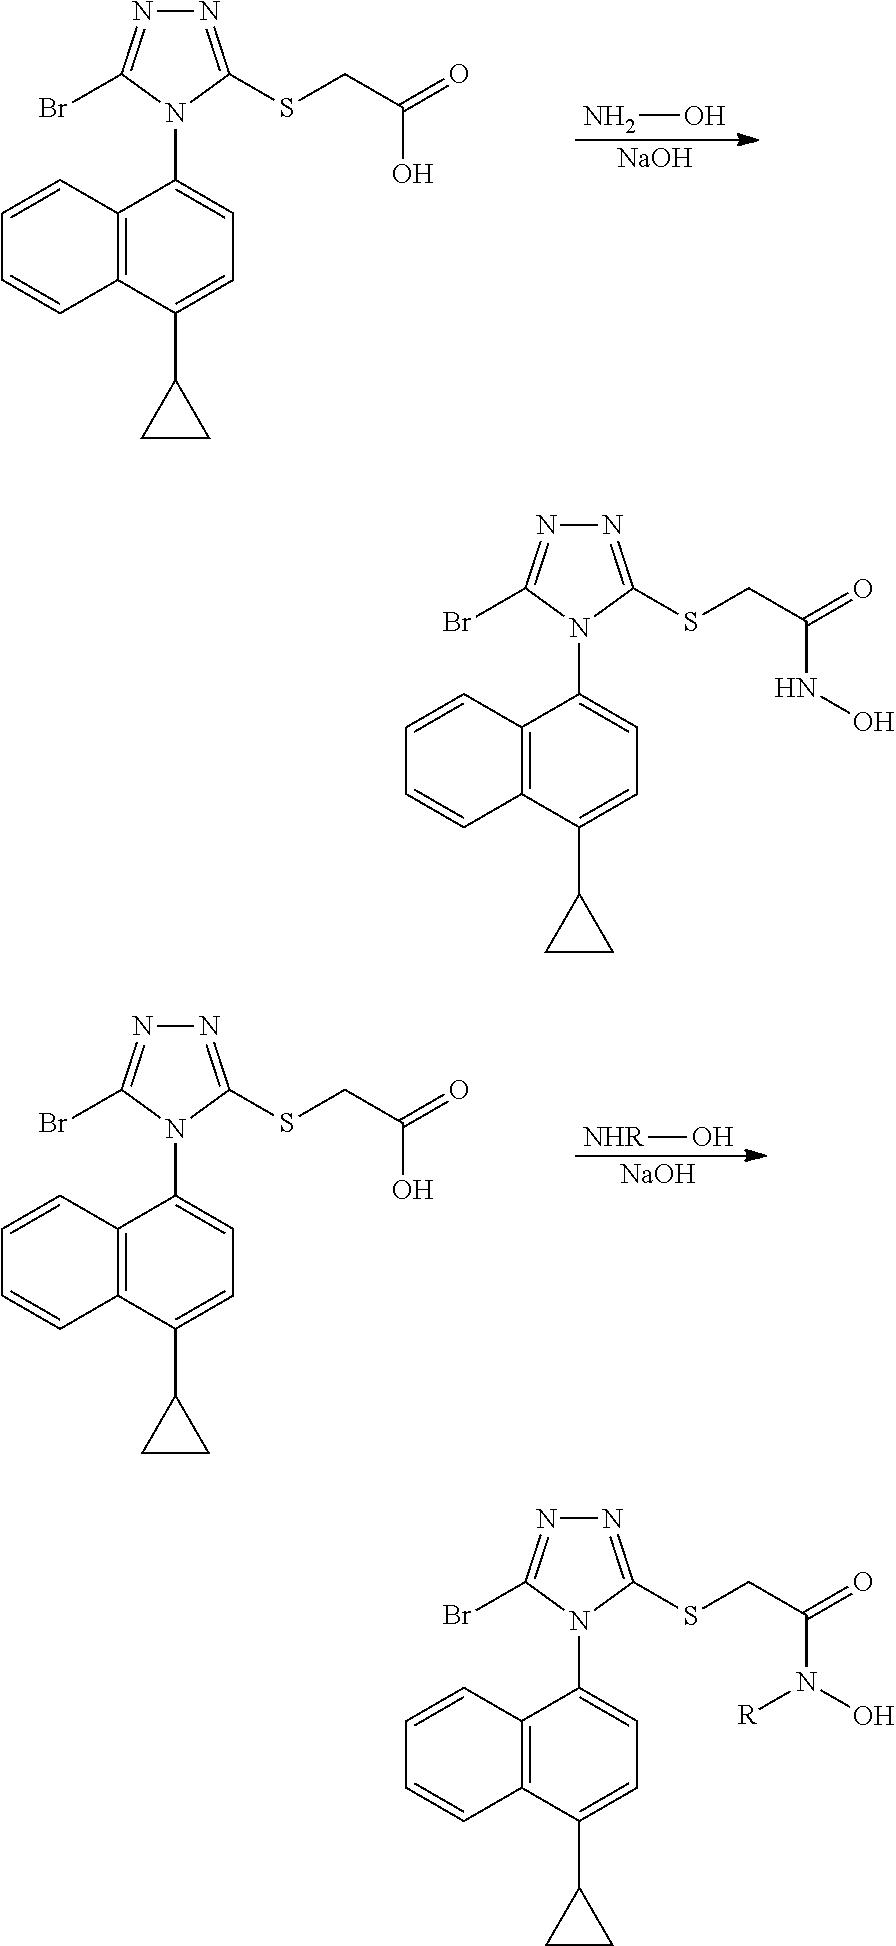 Figure US08283369-20121009-C00074